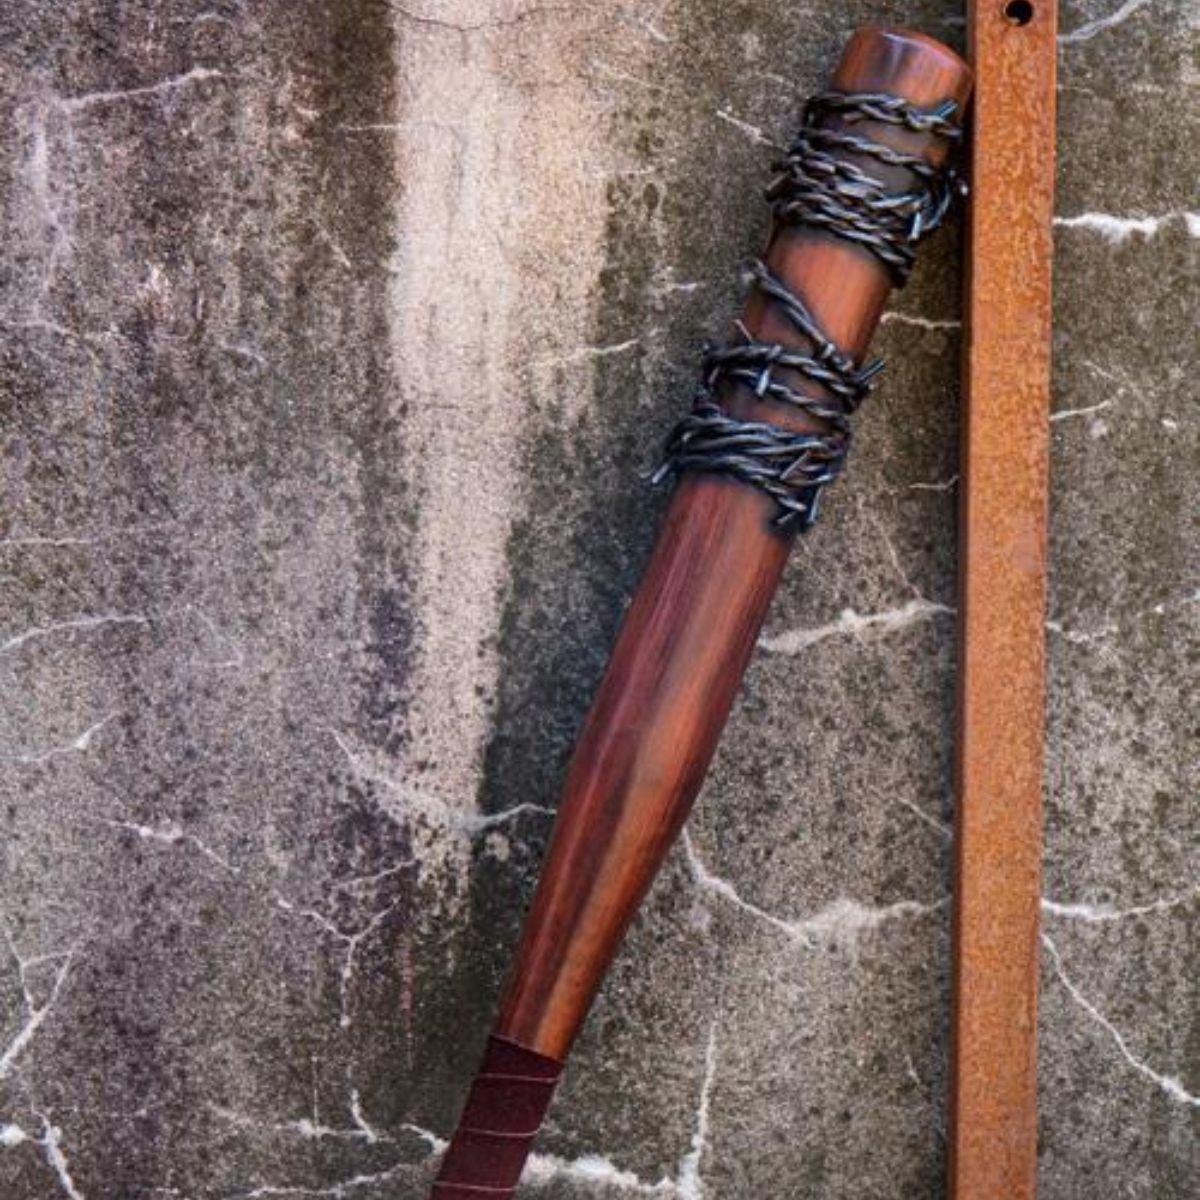 GRV mazza da baseball di filo spinato, 80 centimetri, in legno